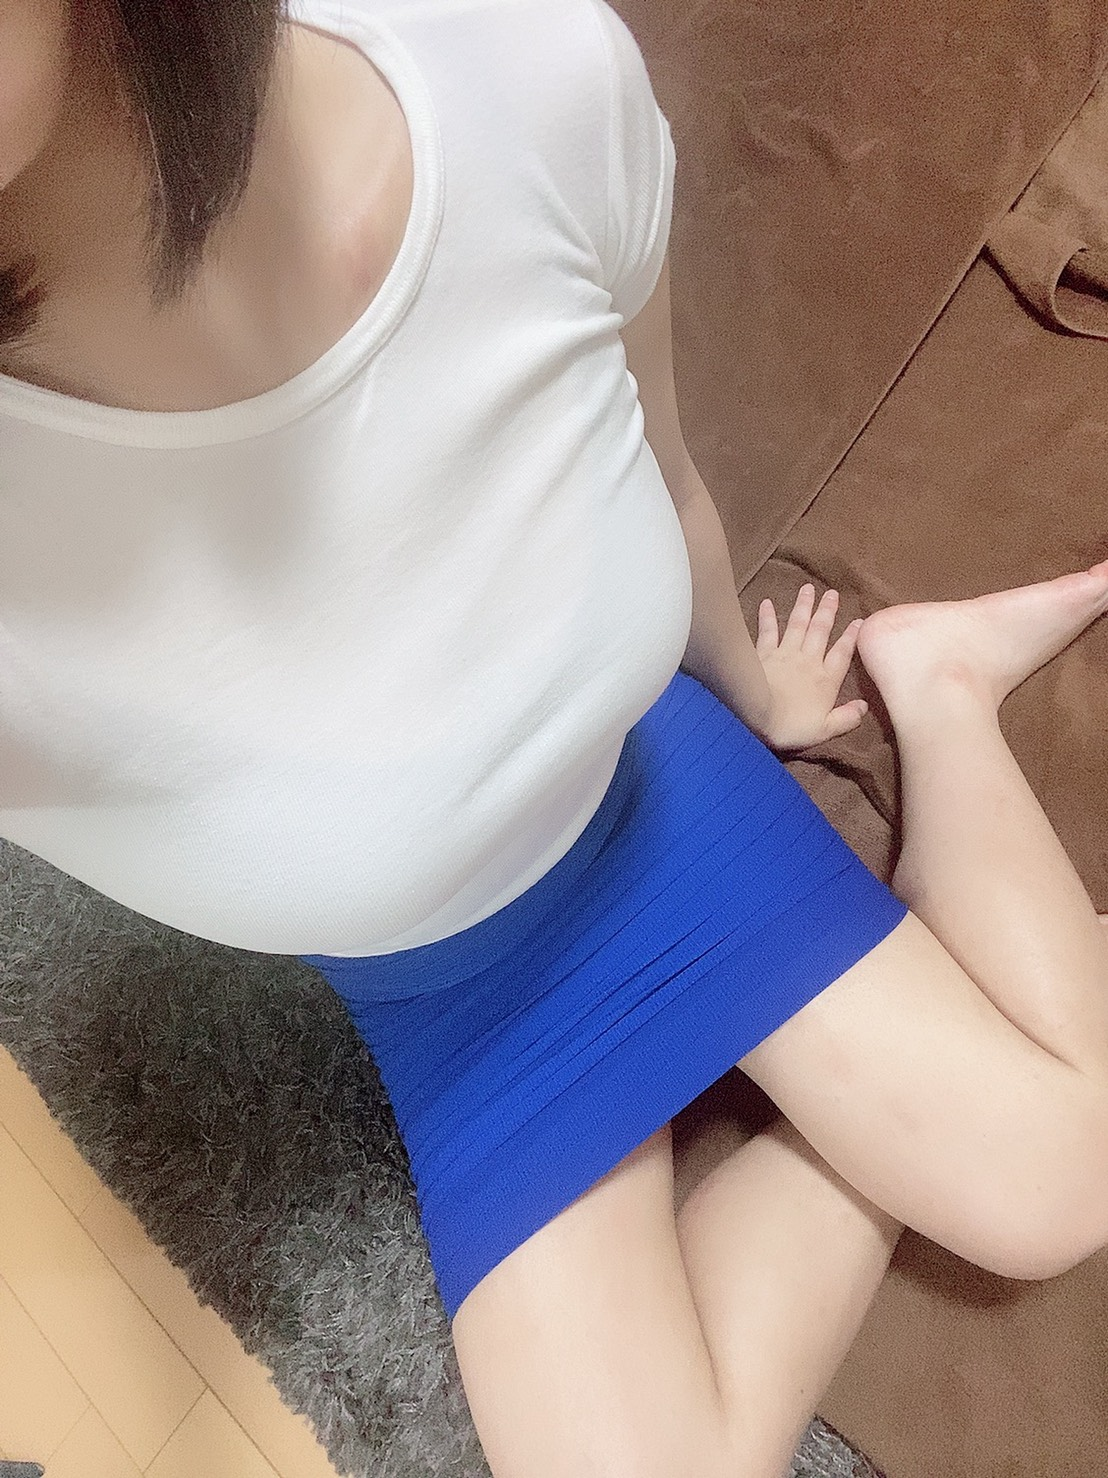 らな(20)【Cool&Pretty♪あどけなさ残る小悪魔系美女】